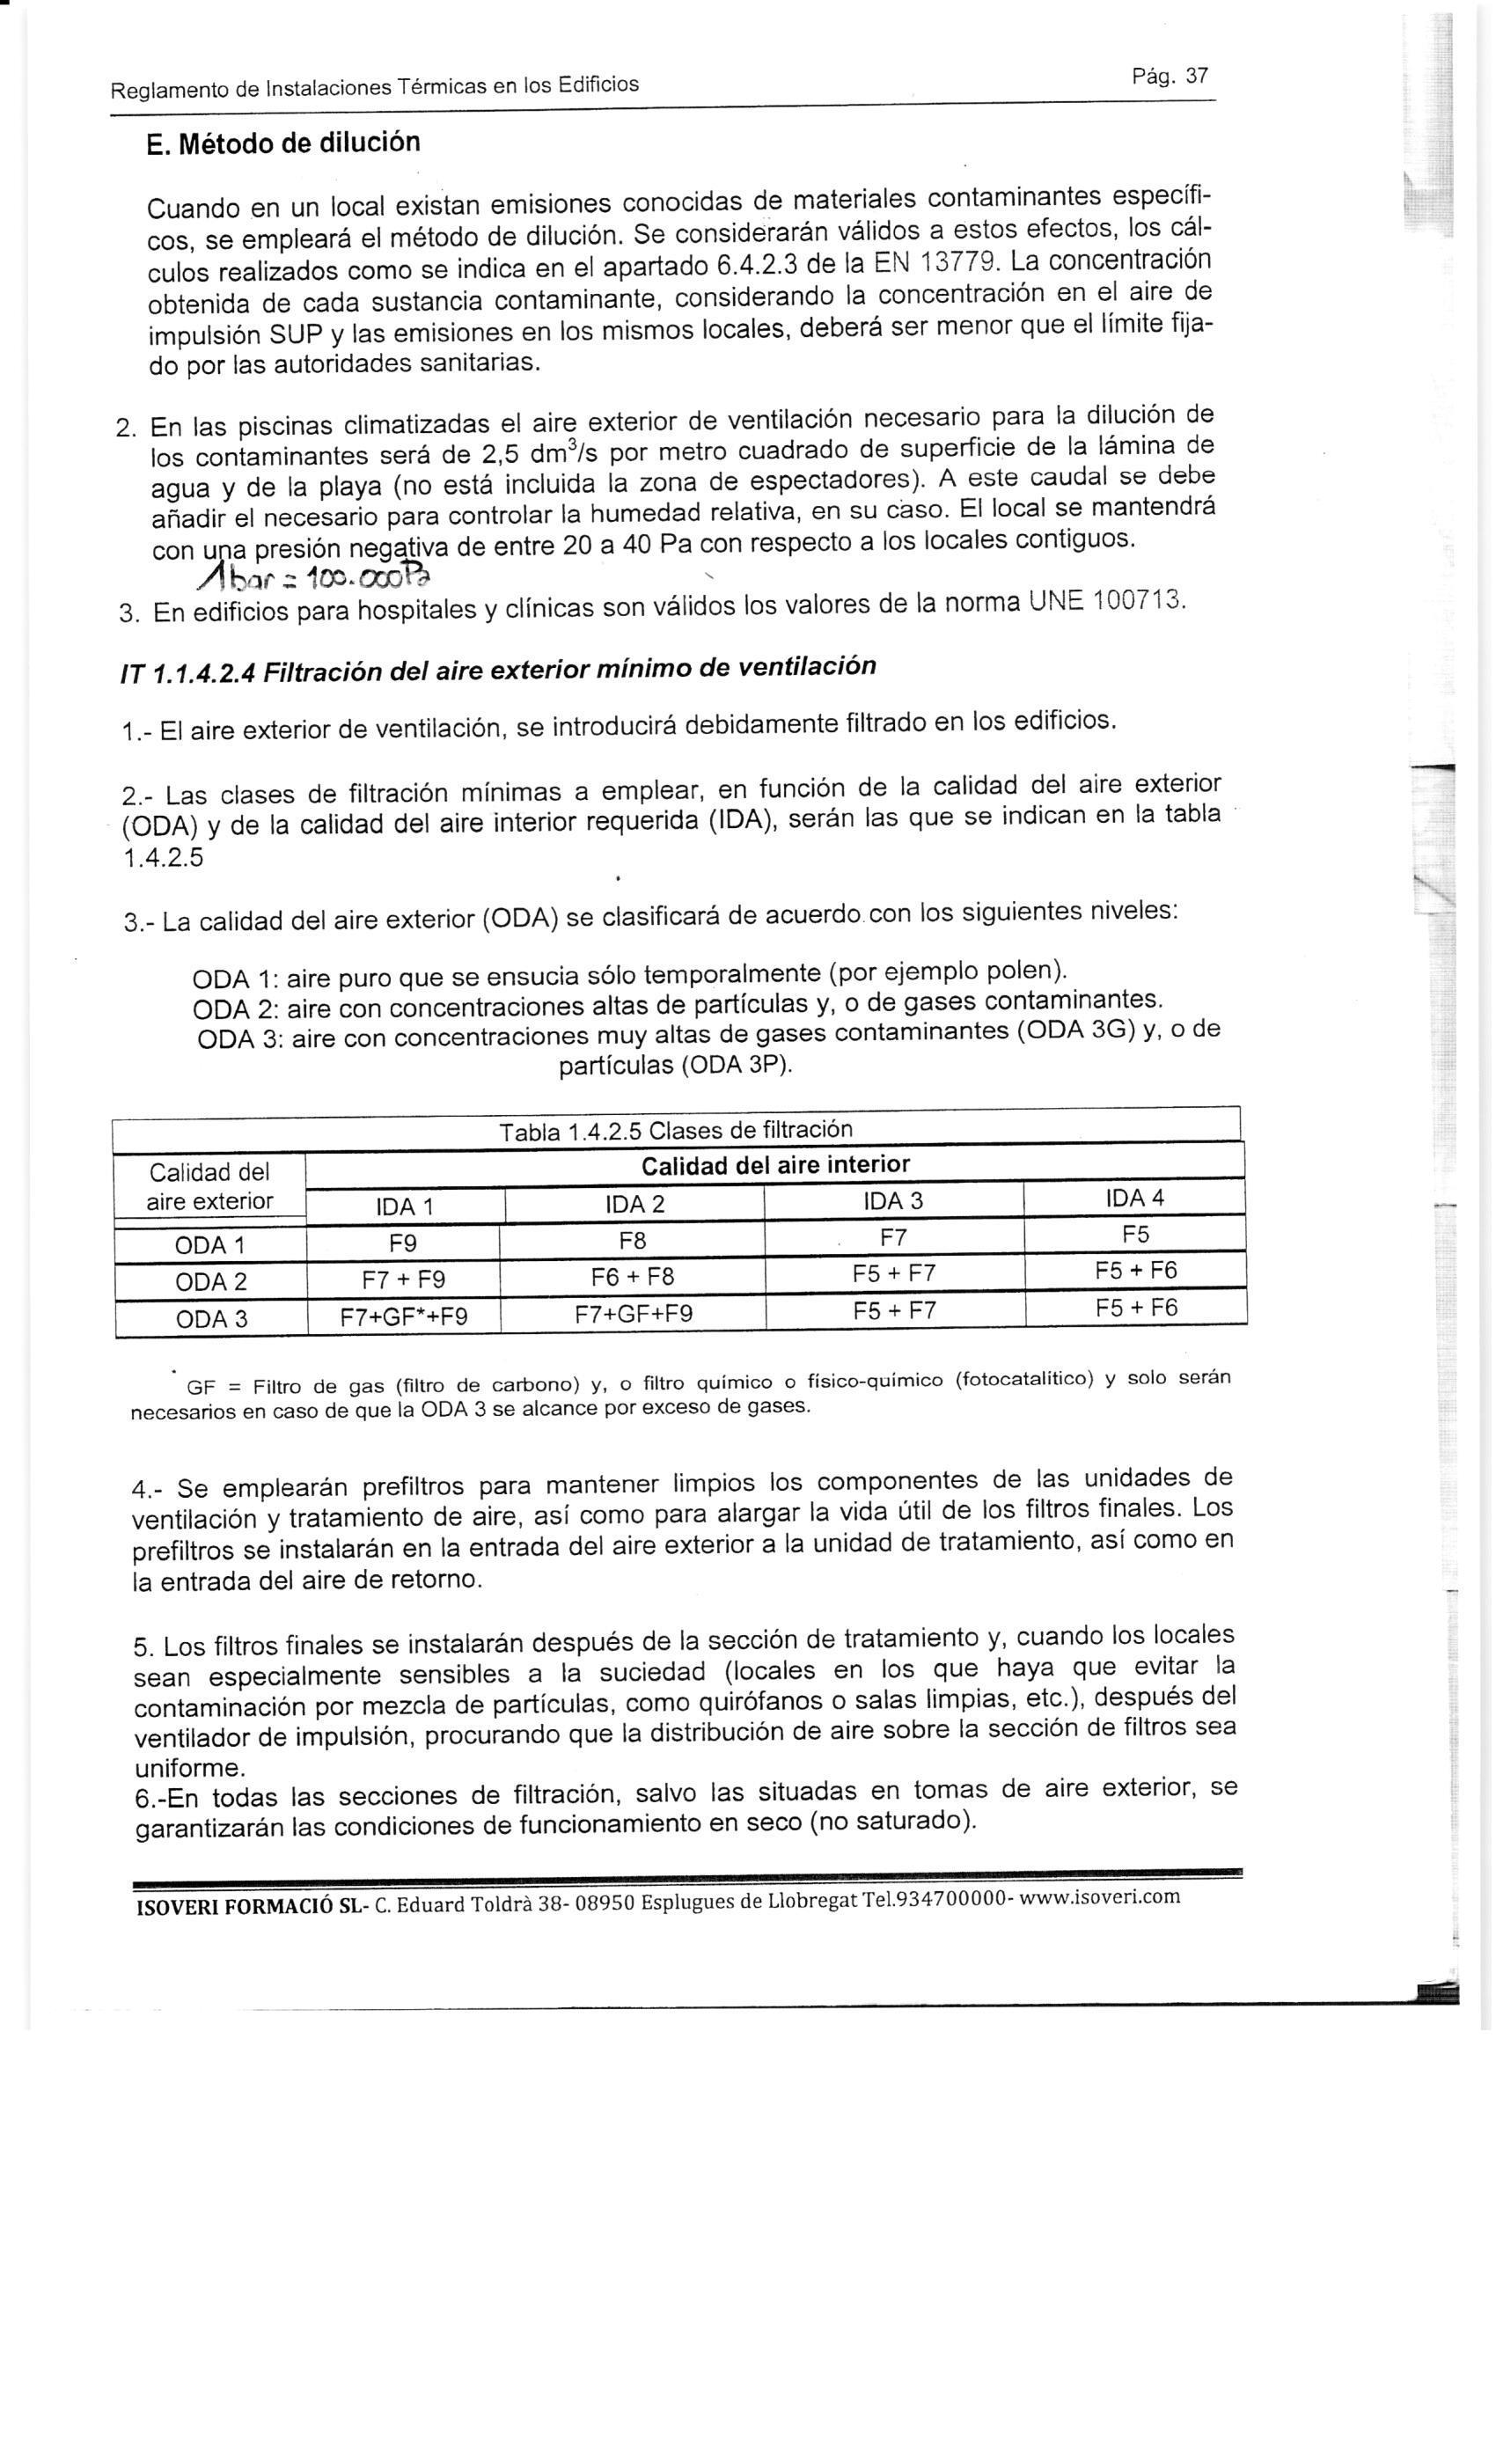 Información sobre recuperadores de calor 2